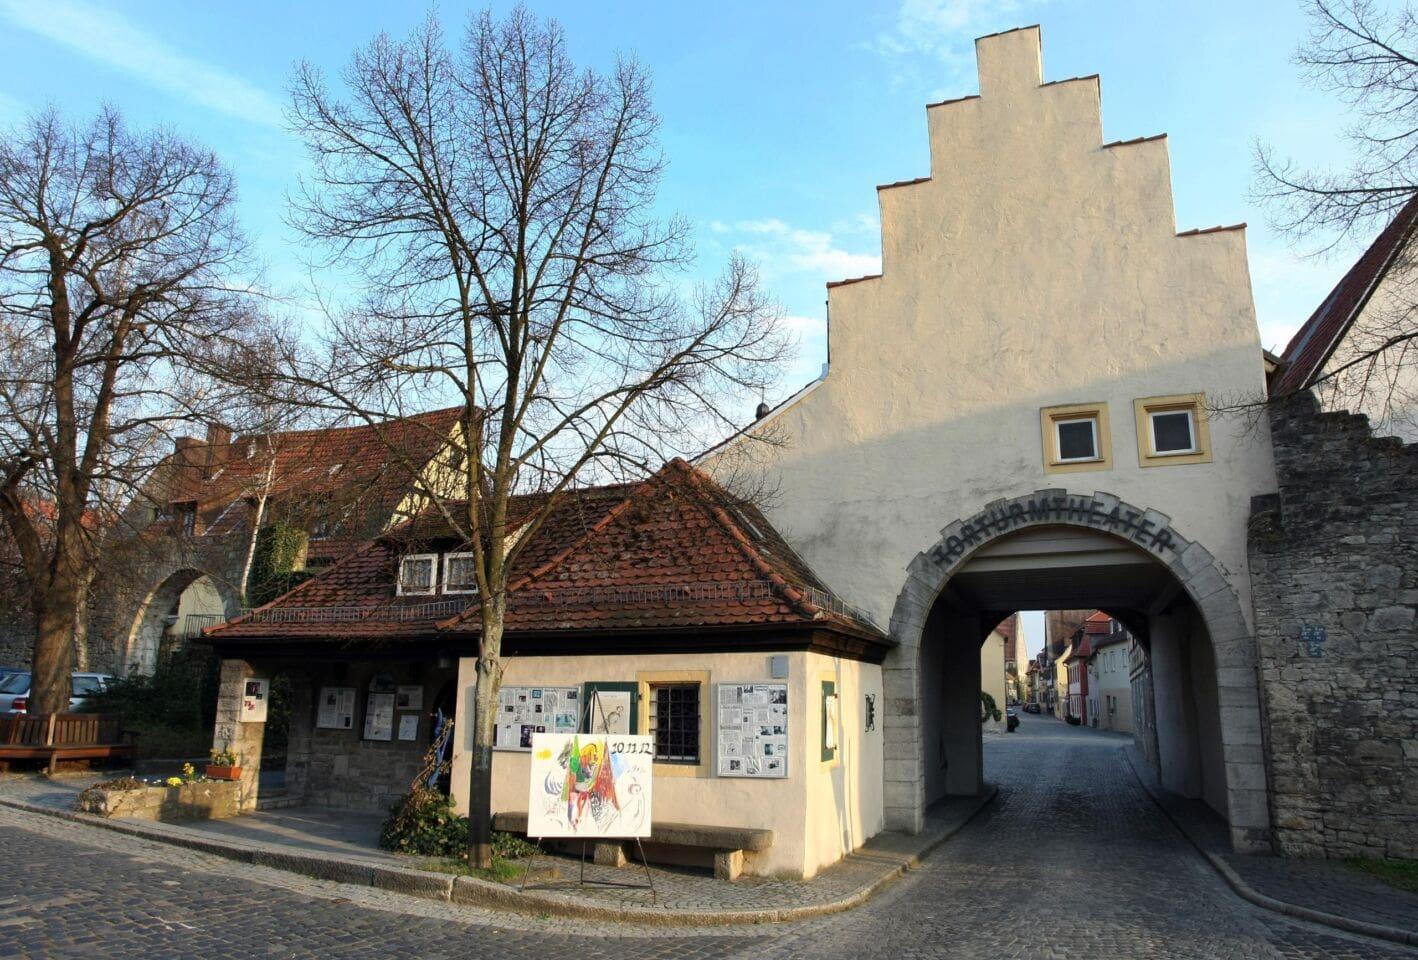 Torturmtheater in Sommerhausen startet in neue Spielsaison